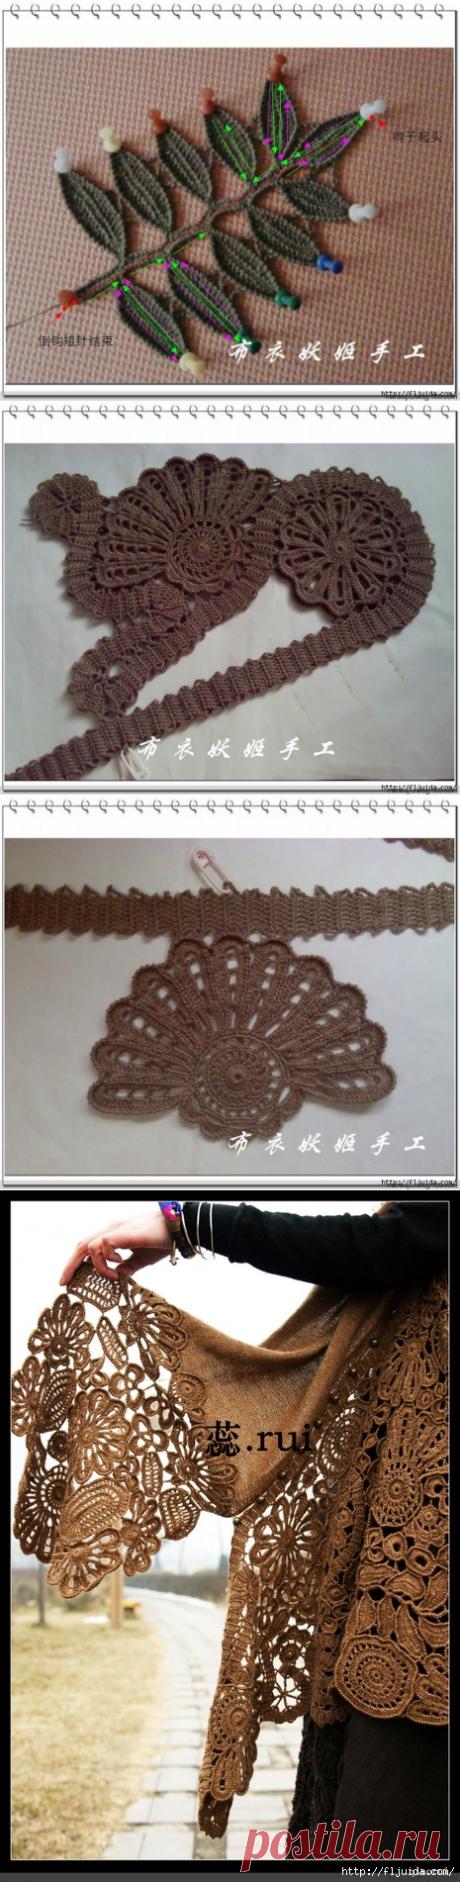 Мастер-класс по вязанию крючком шикарной шали .